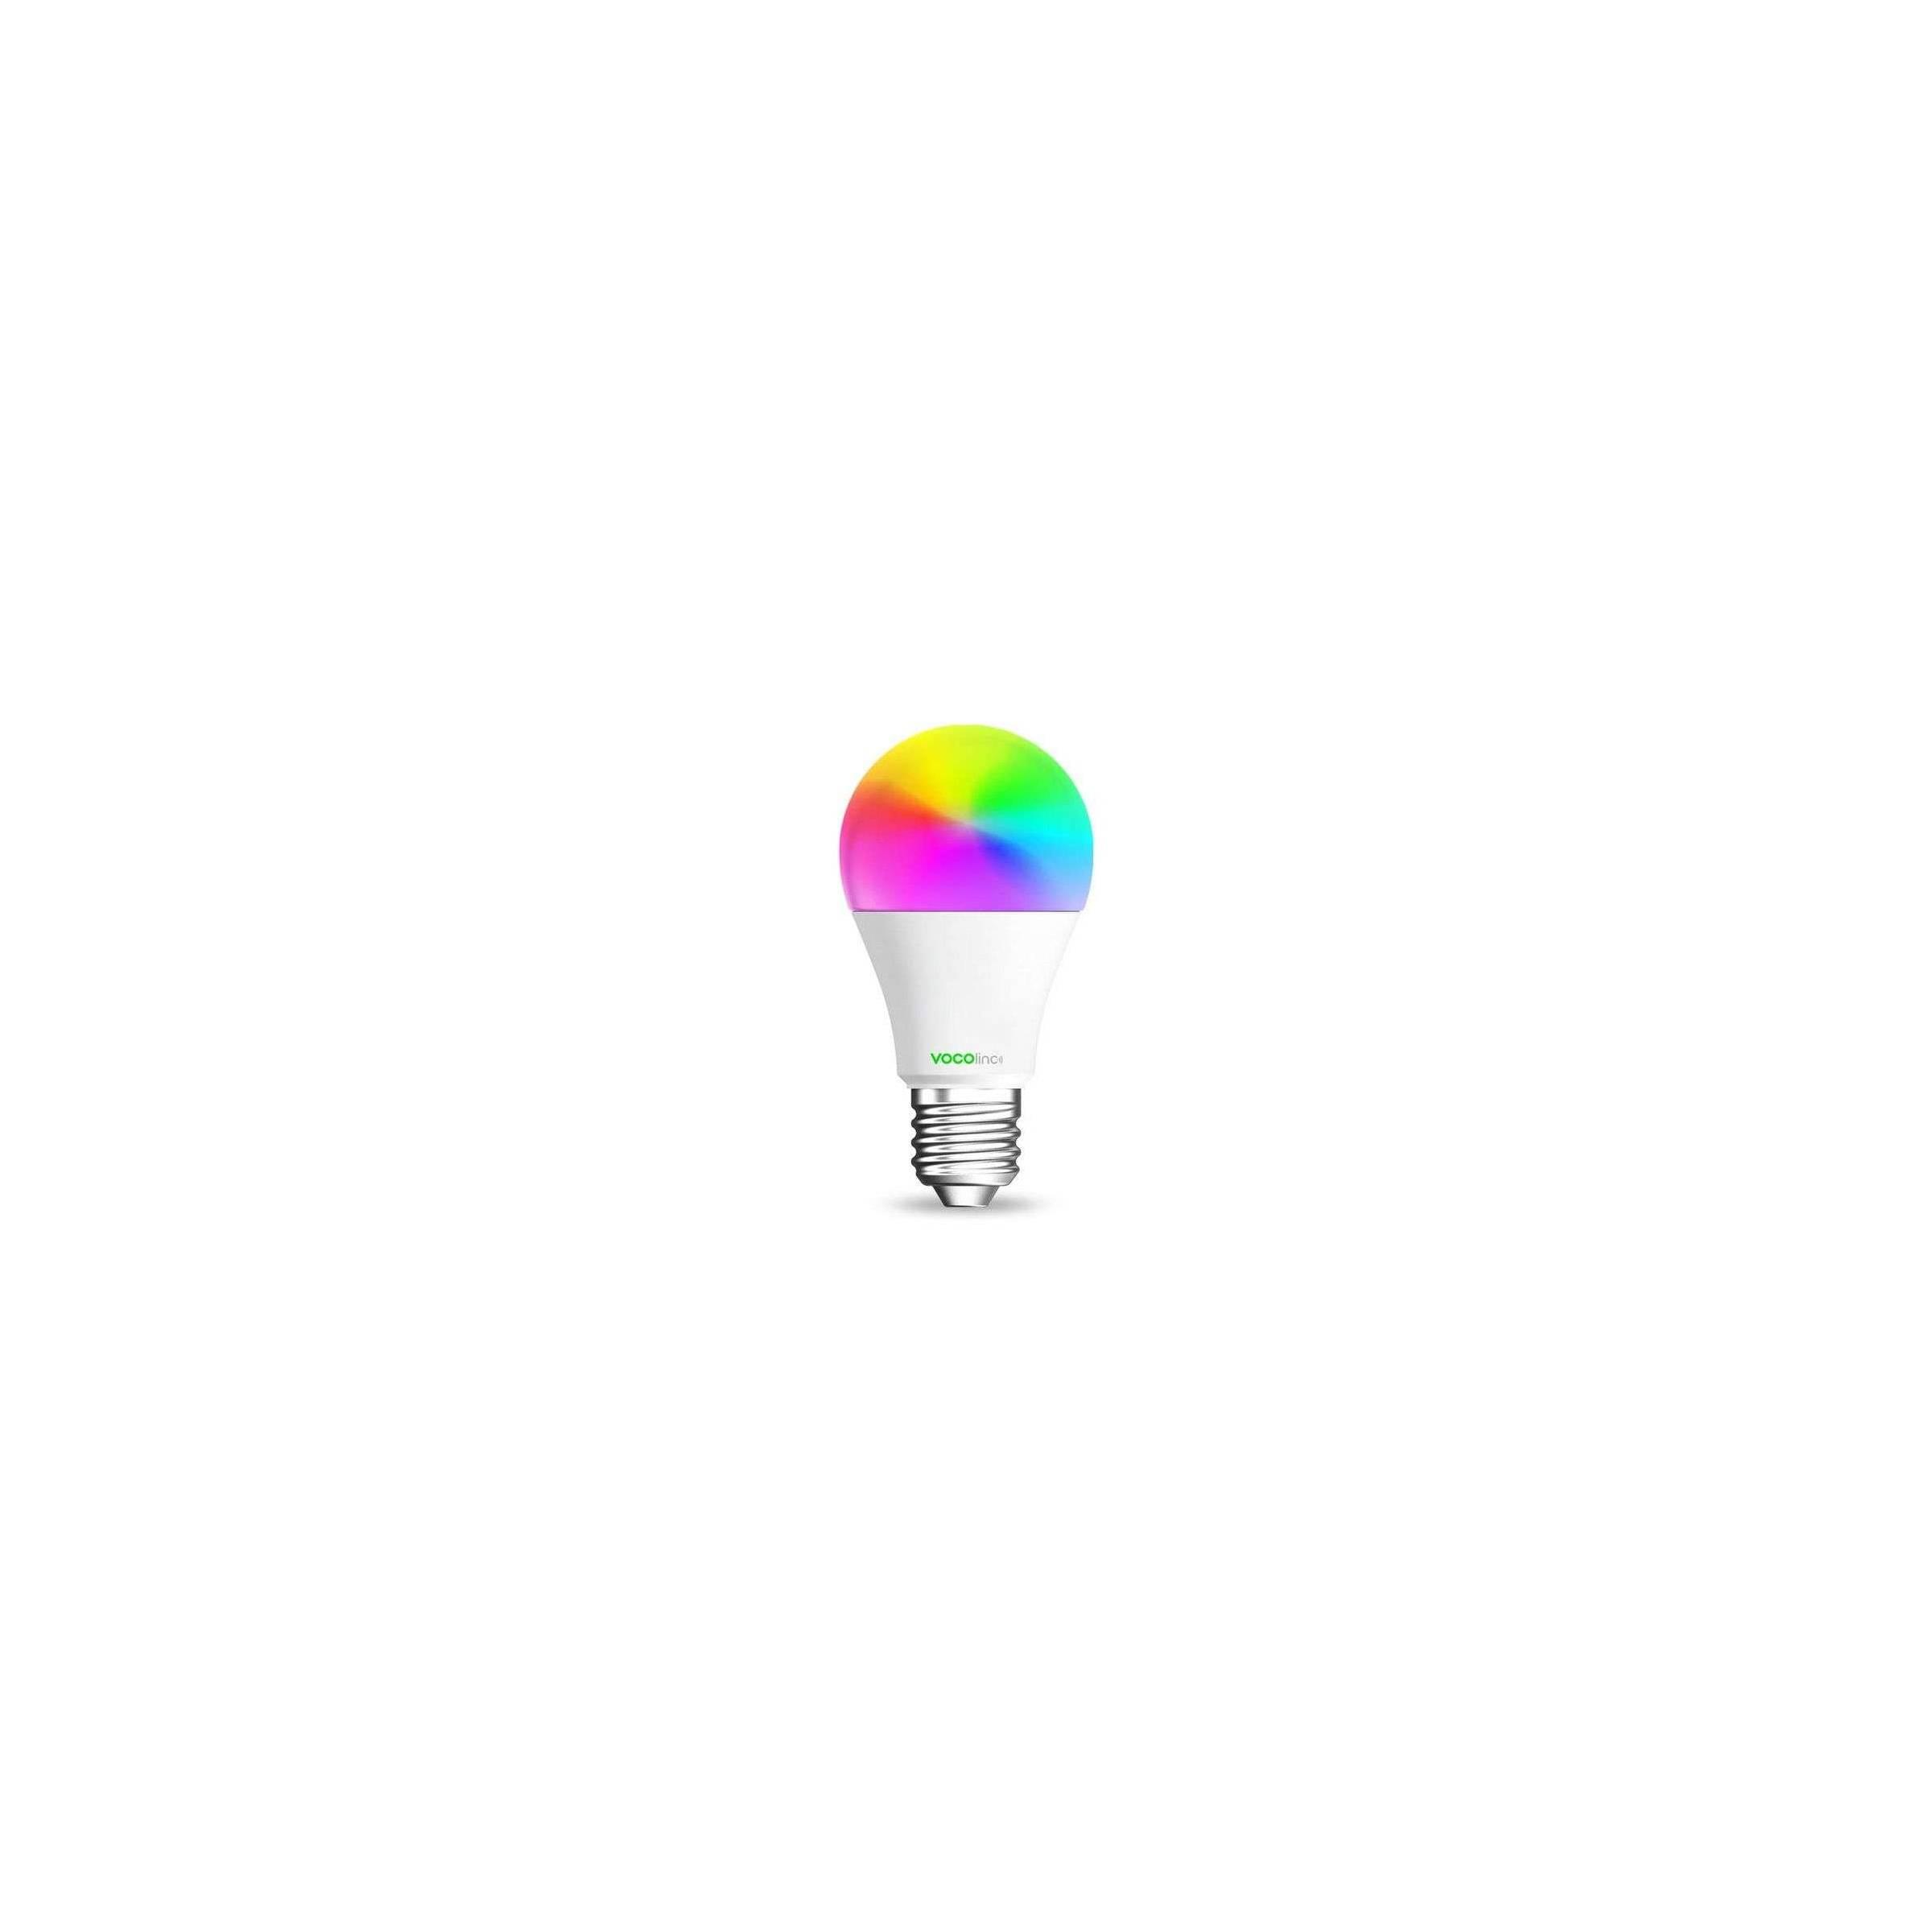 vocolinc – Vocolinc l1 smart led farve pære med homekit på mackabler.dk